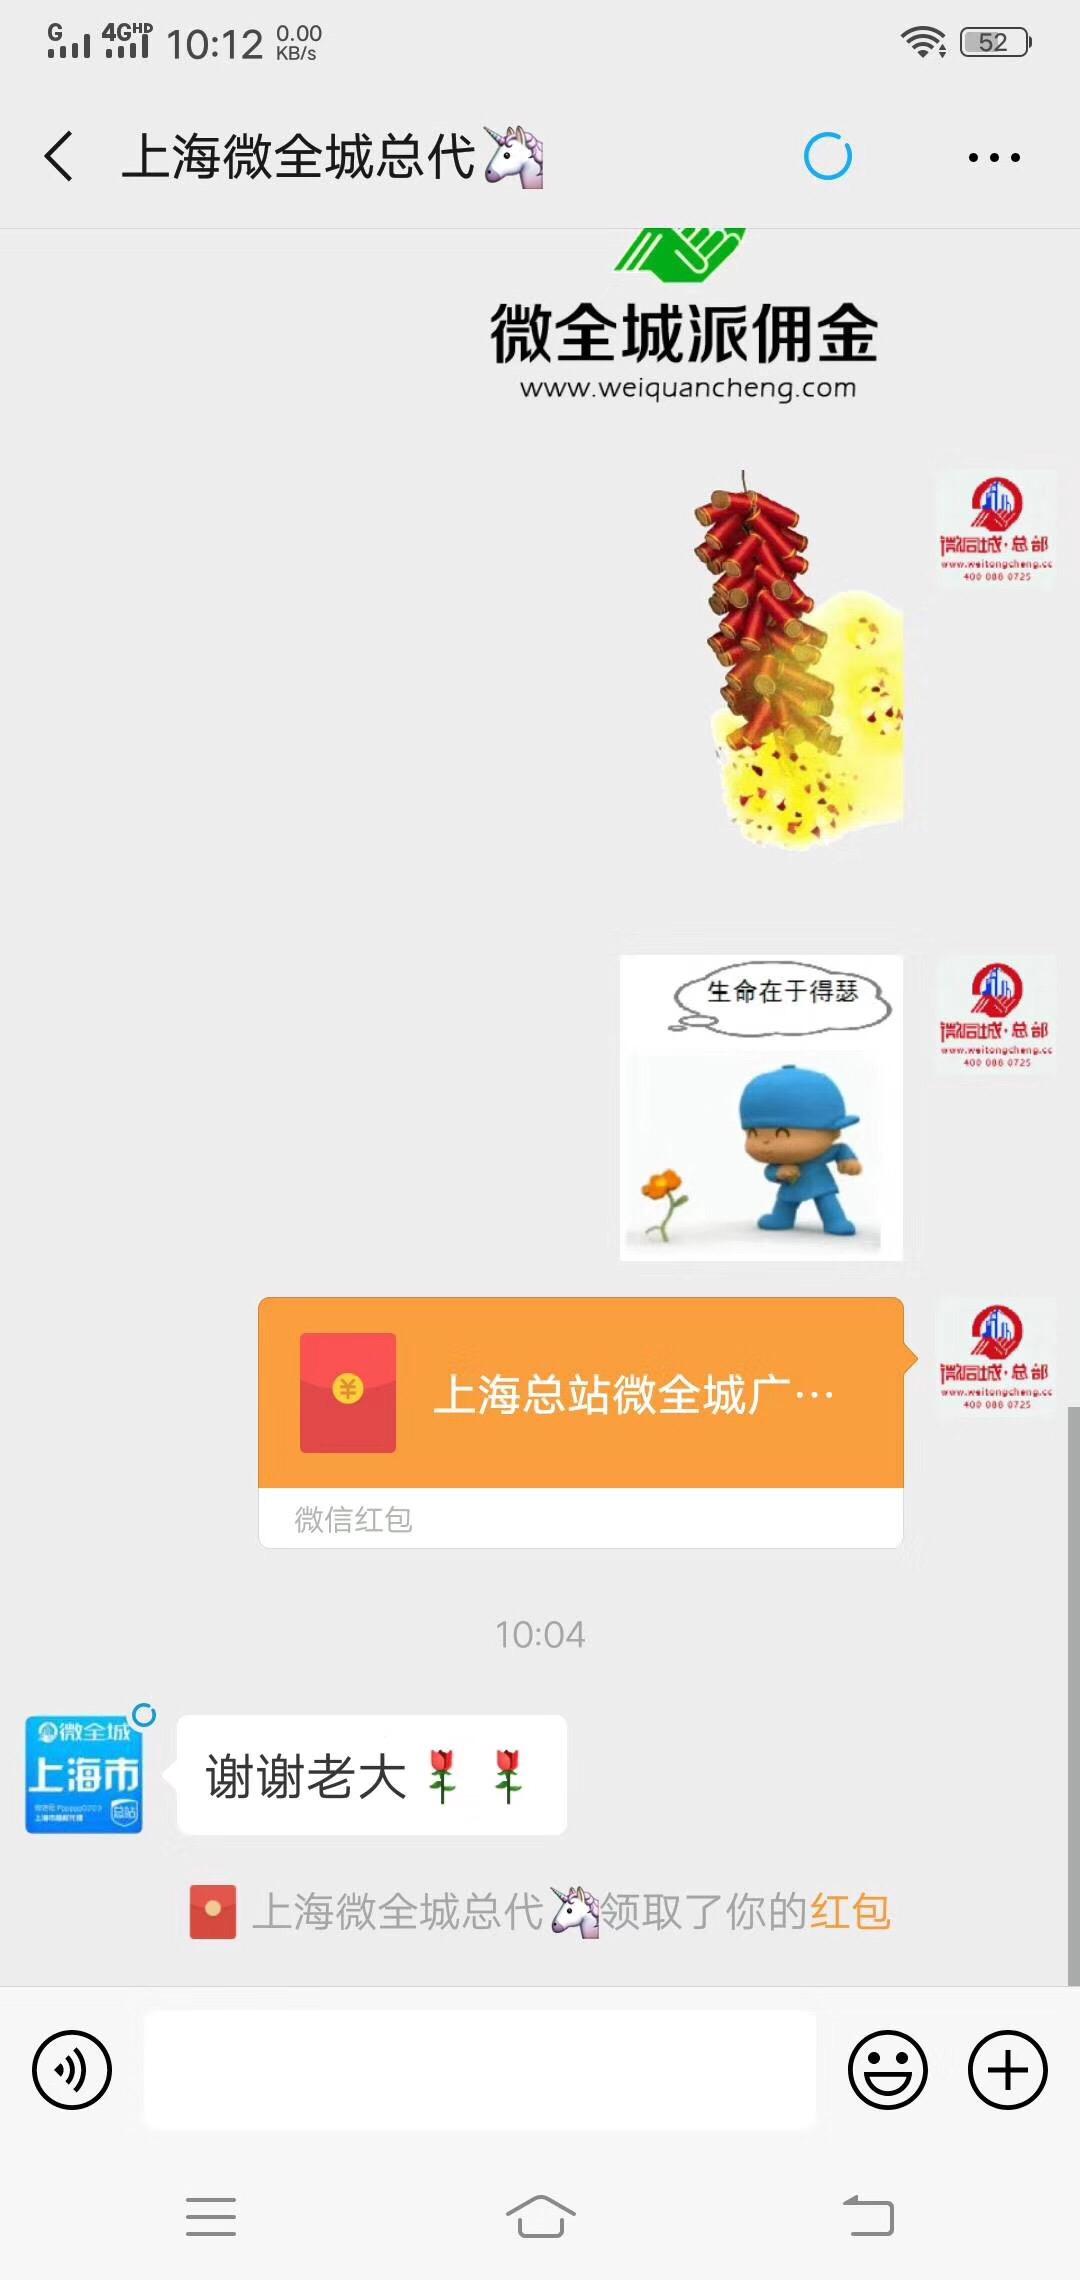 上海微全城微帮总代广告佣金